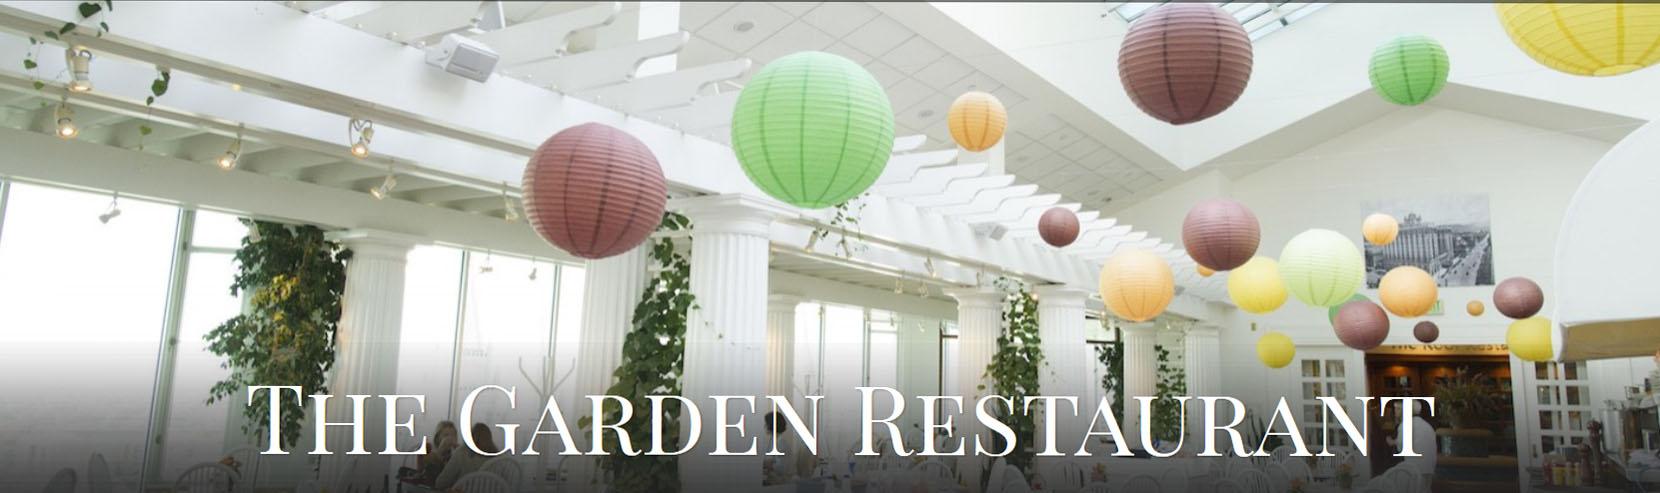 Garden Resteraunt